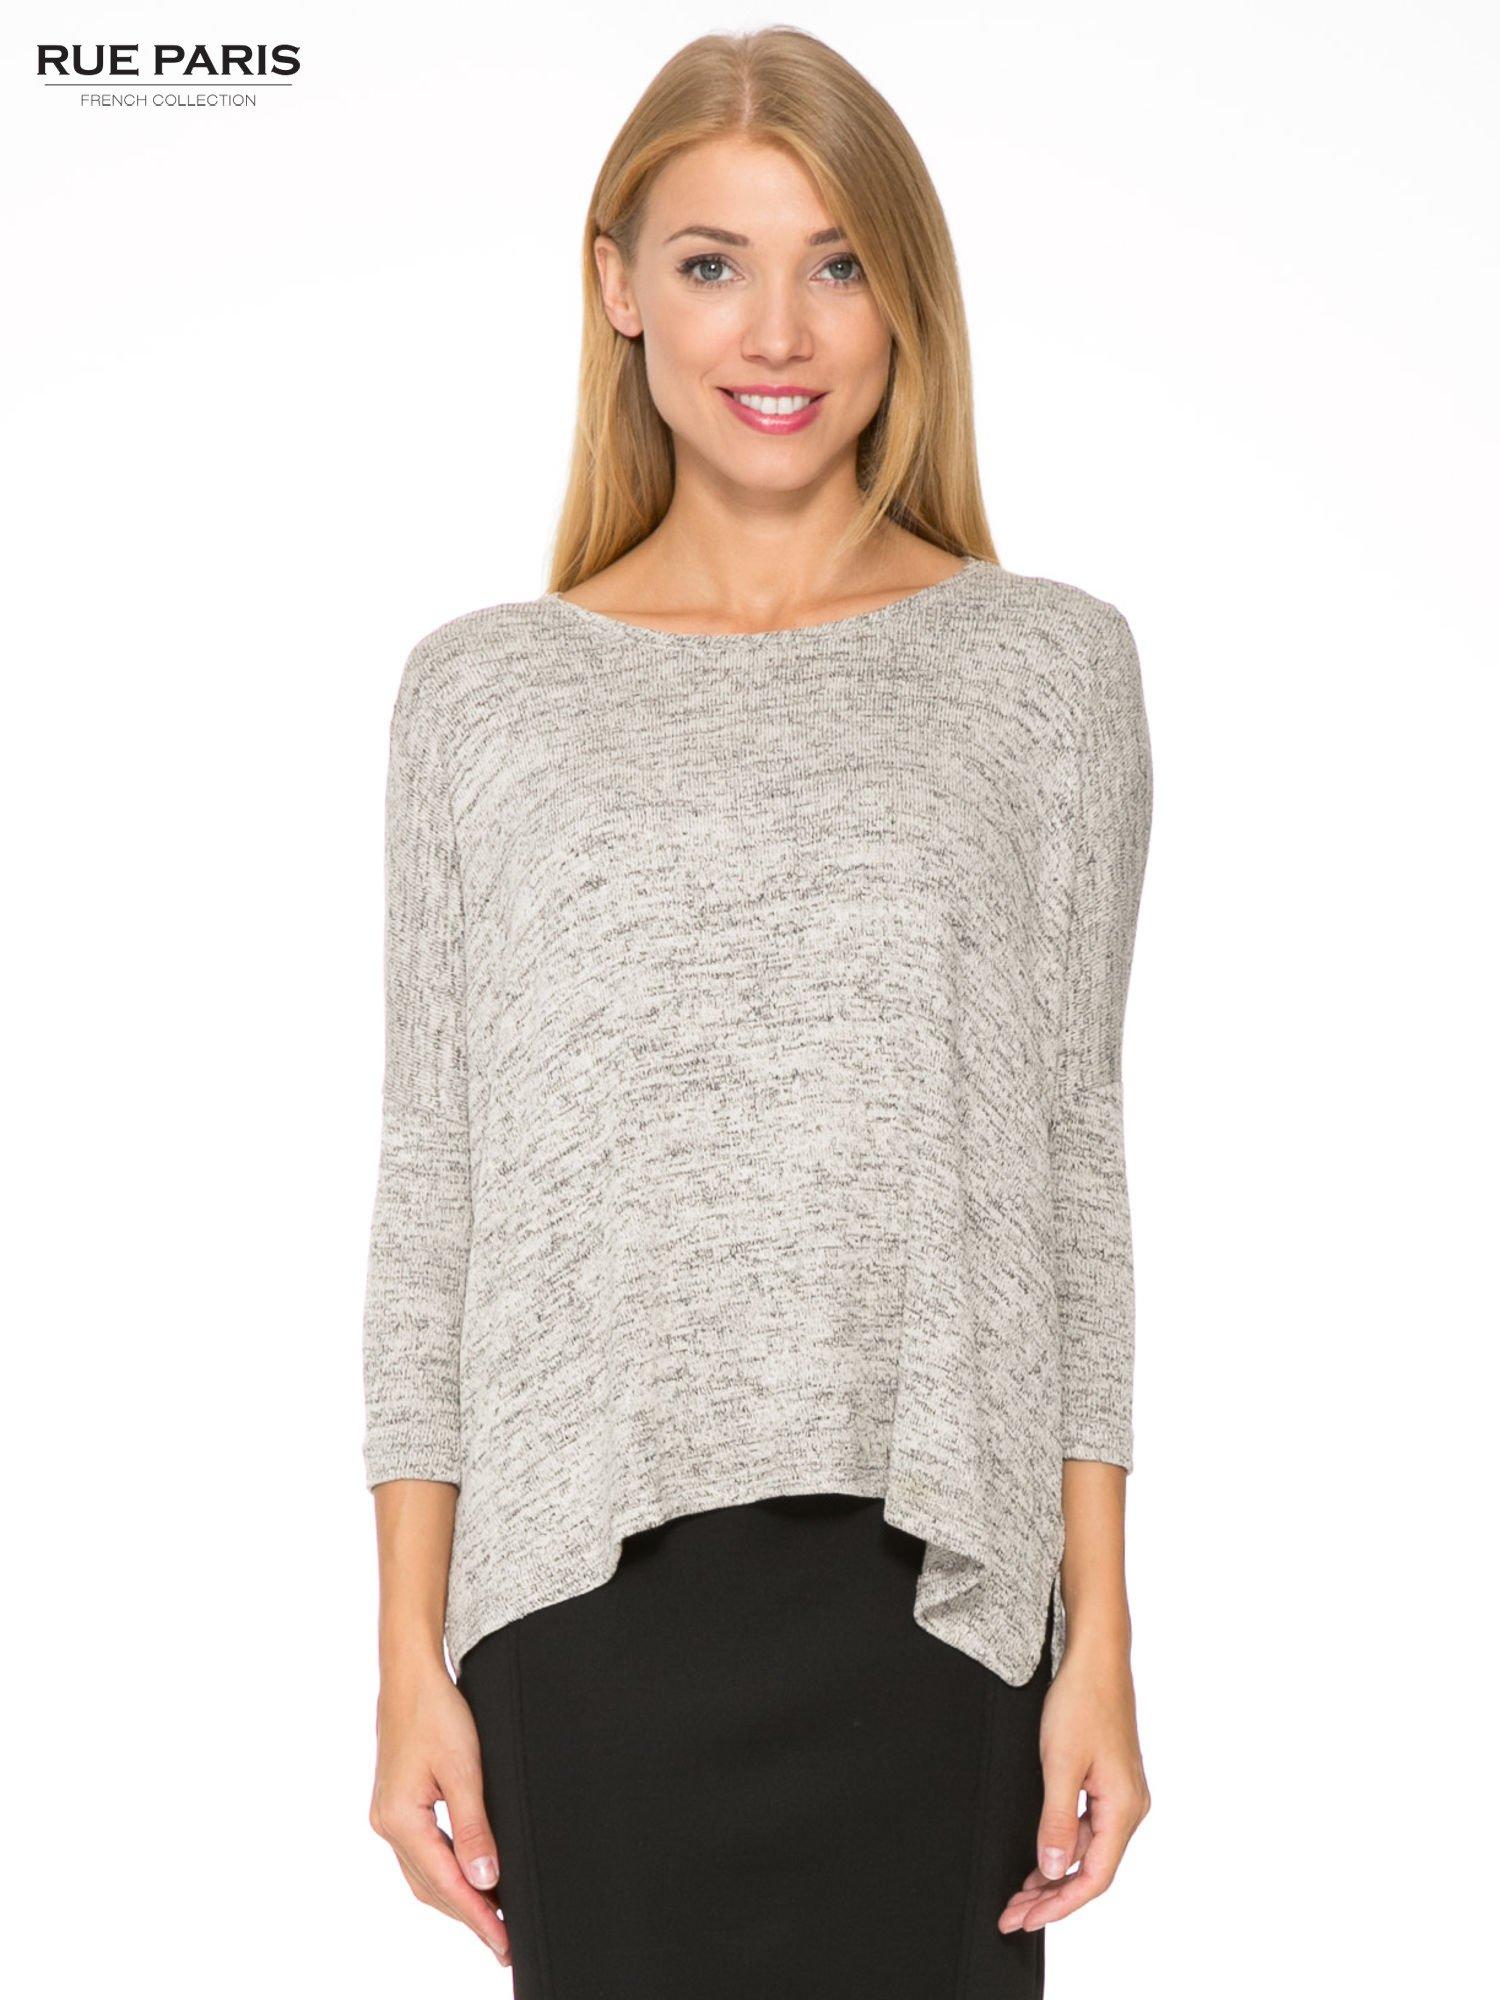 Beżowy melanżowy sweter oversize o obniżonej linii ramion                                  zdj.                                  1